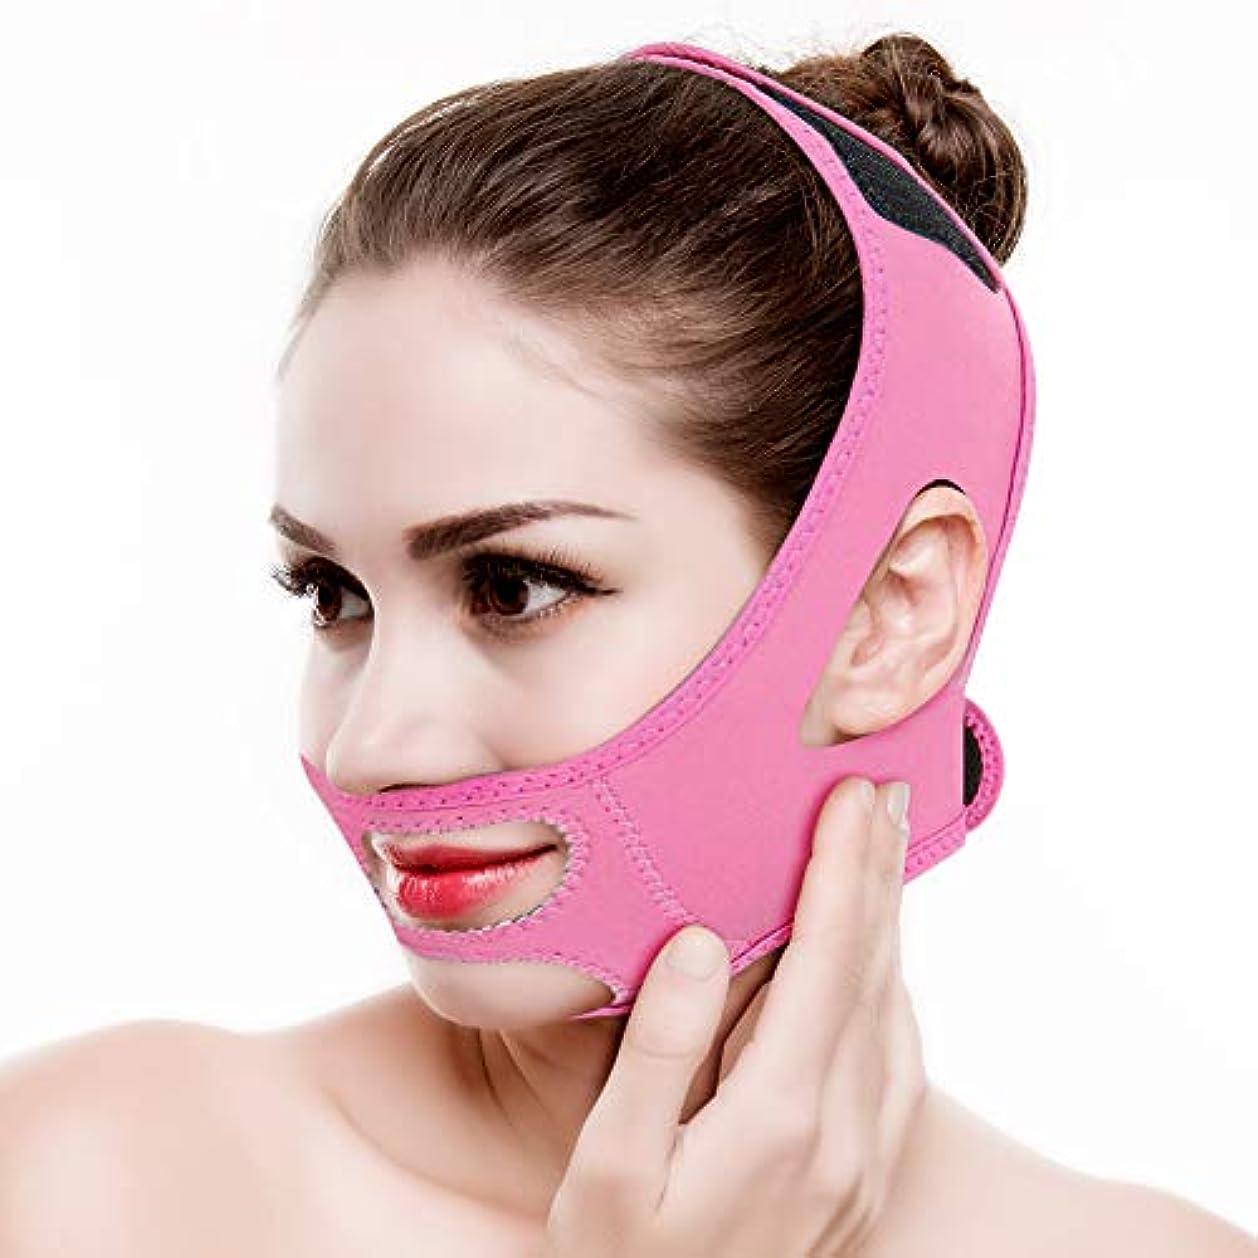 回答甲虫ロッジフェイスリフティングベルト,顔の痩身包帯フェイシャルスリミング包帯ベルトマスクフェイスリフトダブルチンスキンストラップフェイススリミング包帯小 顔 美顔 矯正、顎リフト フェイススリミングマスク (Pink)